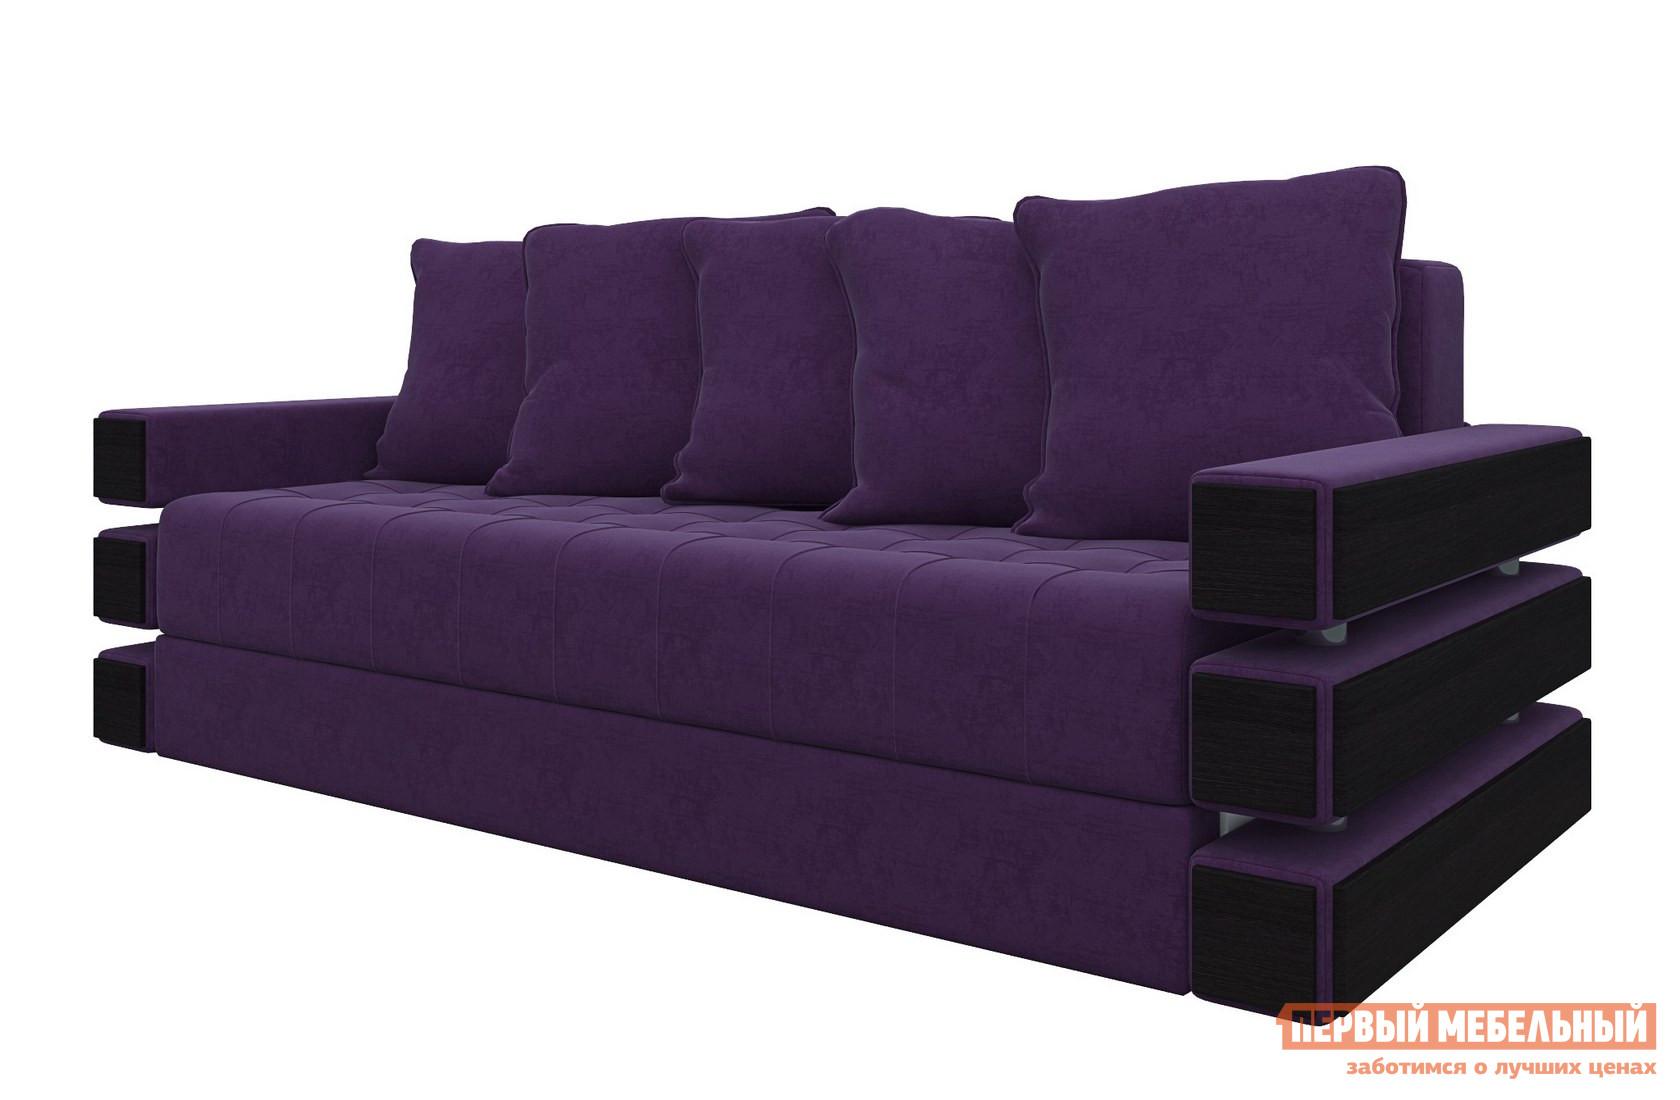 Диван Мебелико Диван-еврокнижка Венеция Фиолетовый микровельвет Мебелико Габаритные размеры ВхШхГ 880x2250x1010 мм. Незаурядный и стильный диван Венеция украсит собой вашу гостиную или спальную комнату.  Также модель с легкостью подойдет для меблировки офисного помещения. <br> Материал обивки представлен на выбор: экокожа или вельвет.  Широкая палитра расцветок поможет вам подобрать максимально подходящее исполнение. <br> Декоративные вставки, расположенные на боковинах дивана, изготовлены из качественной ЛДСП. <br>Неповторимый уют и комфортабельность создают удобные подлокотники и множество мягких подушек. <br> Внутренний наполнитель дивана состоит из пружинного блока, войлока, синтепона и ППУ. <br>Для изготовления каркаса использованы массив сосны и ЛДСП, это гарантирует долгосрочную и качественную эксплуатацию изделия. <br>Особую практичность модели придаёт наличие ящика для белья. <br> Благодаря механизму трансформации еврокнижка, Венеция легко перевоплощается из дивана в кровать. <br>Размер спального места — 195 х 145 см.  Такие параметры подойдут для комфортабельного размещения двух людей. <br>